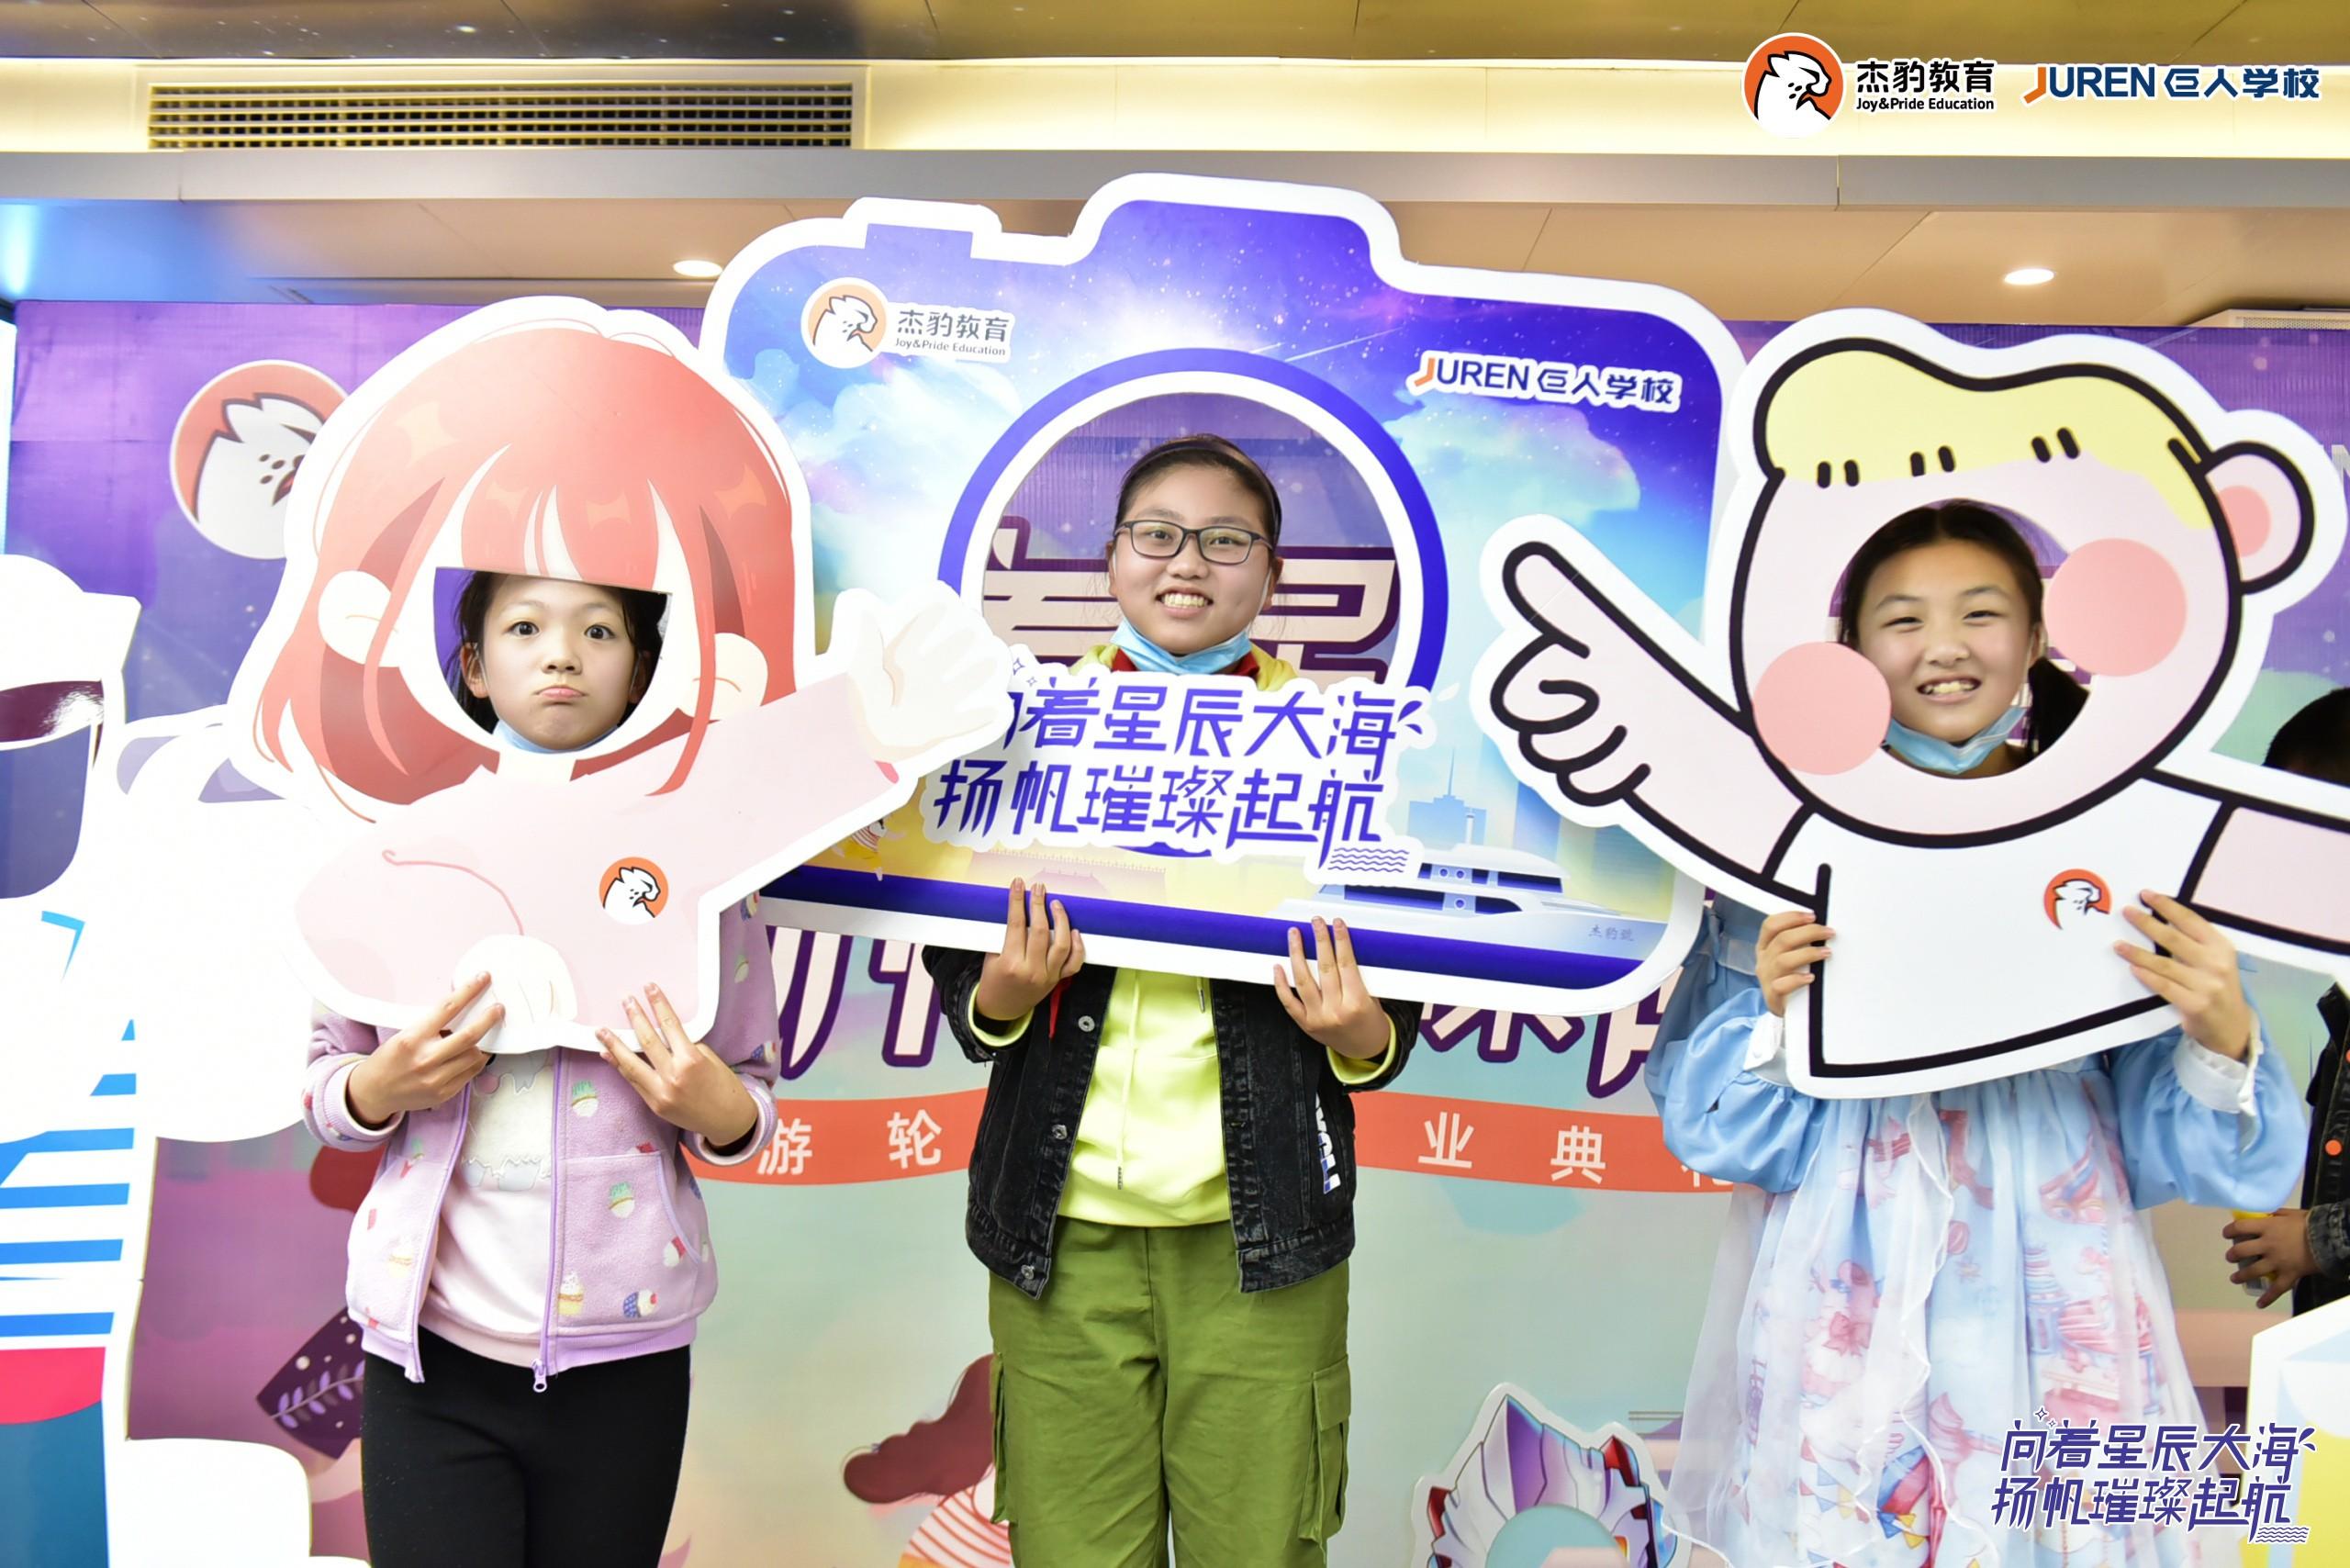 """100场""""游轮上的毕业典礼"""",武汉巨人学校给学子难忘一生的回忆"""